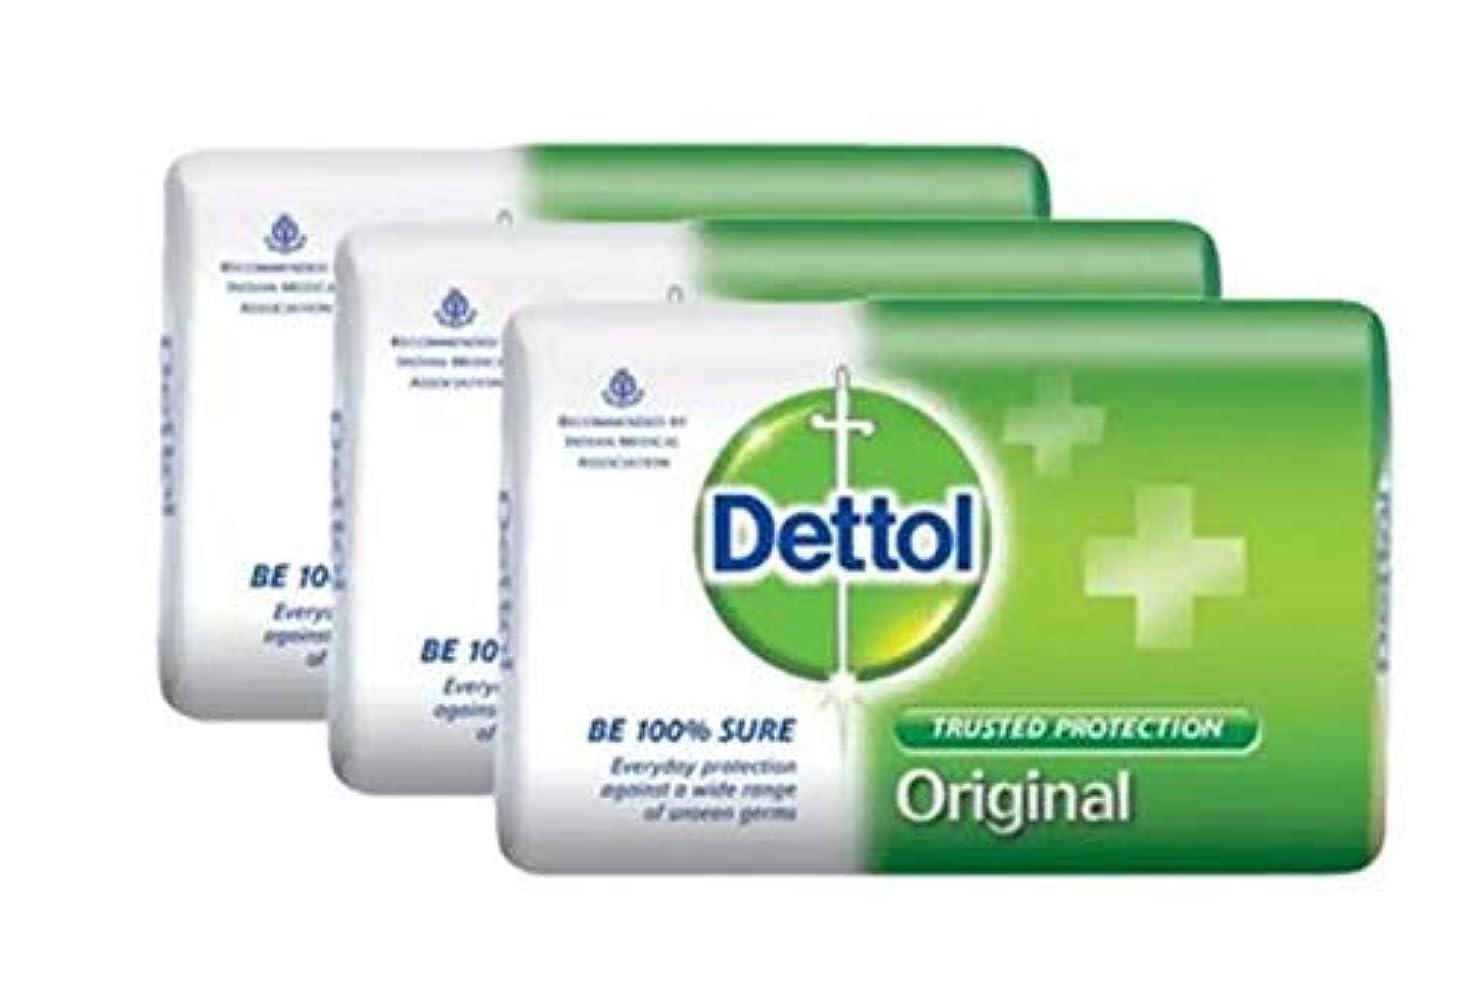 田舎者圧倒的喜んでDettol 固形石鹸オリジナル4x105g-は、信頼Dettol保護から目に見えない細菌の広い範囲を提供しています。これは、皮膚の衛生と清潔を浄化し、保護します